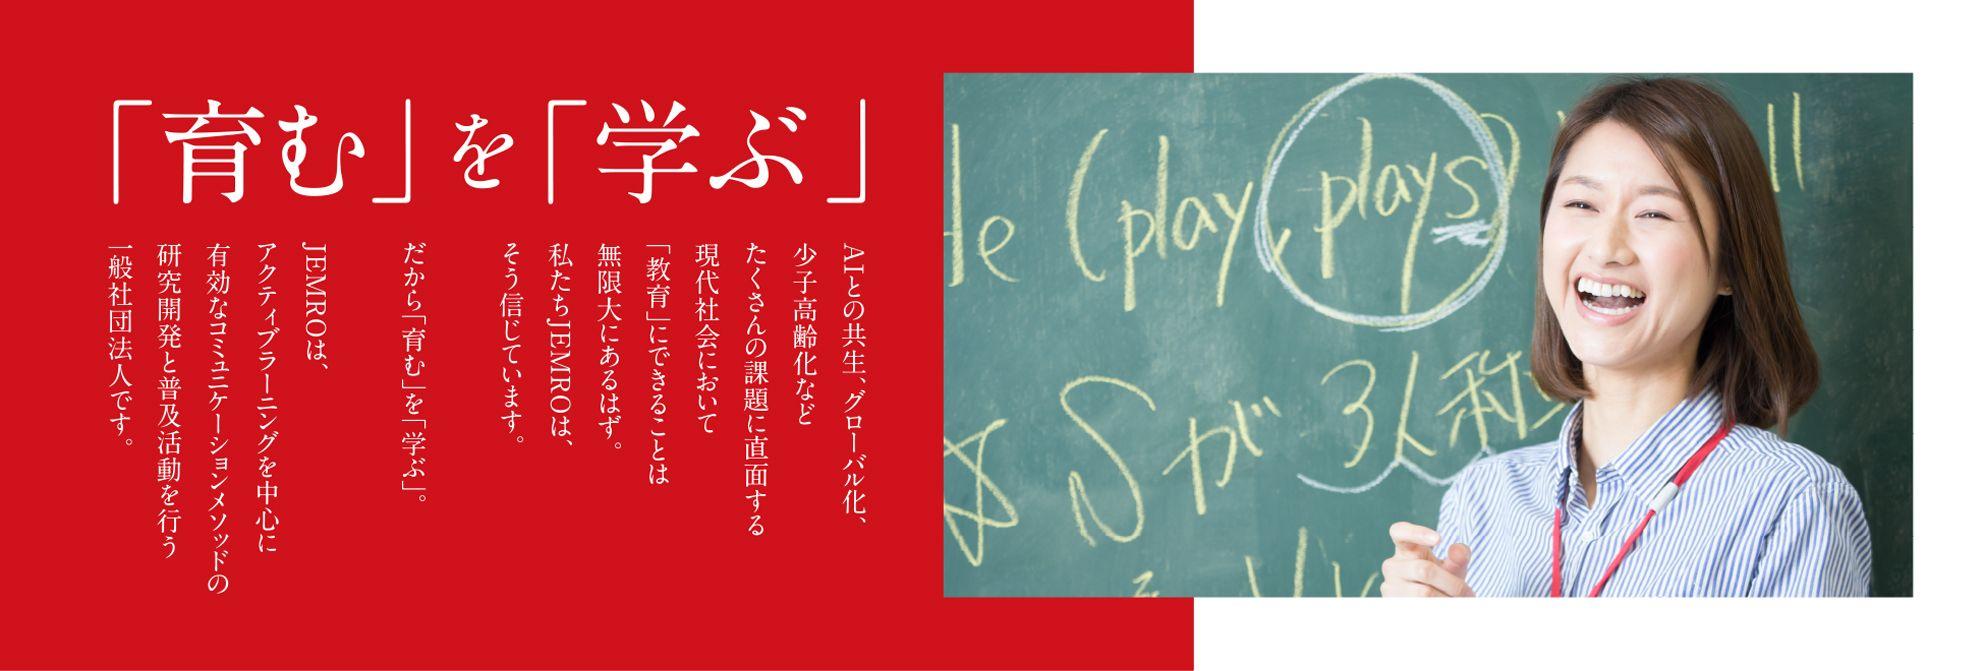 様々な教育現場で活きる教育コミュニケーション|日本教育メソッド研究機構(JEMRO)